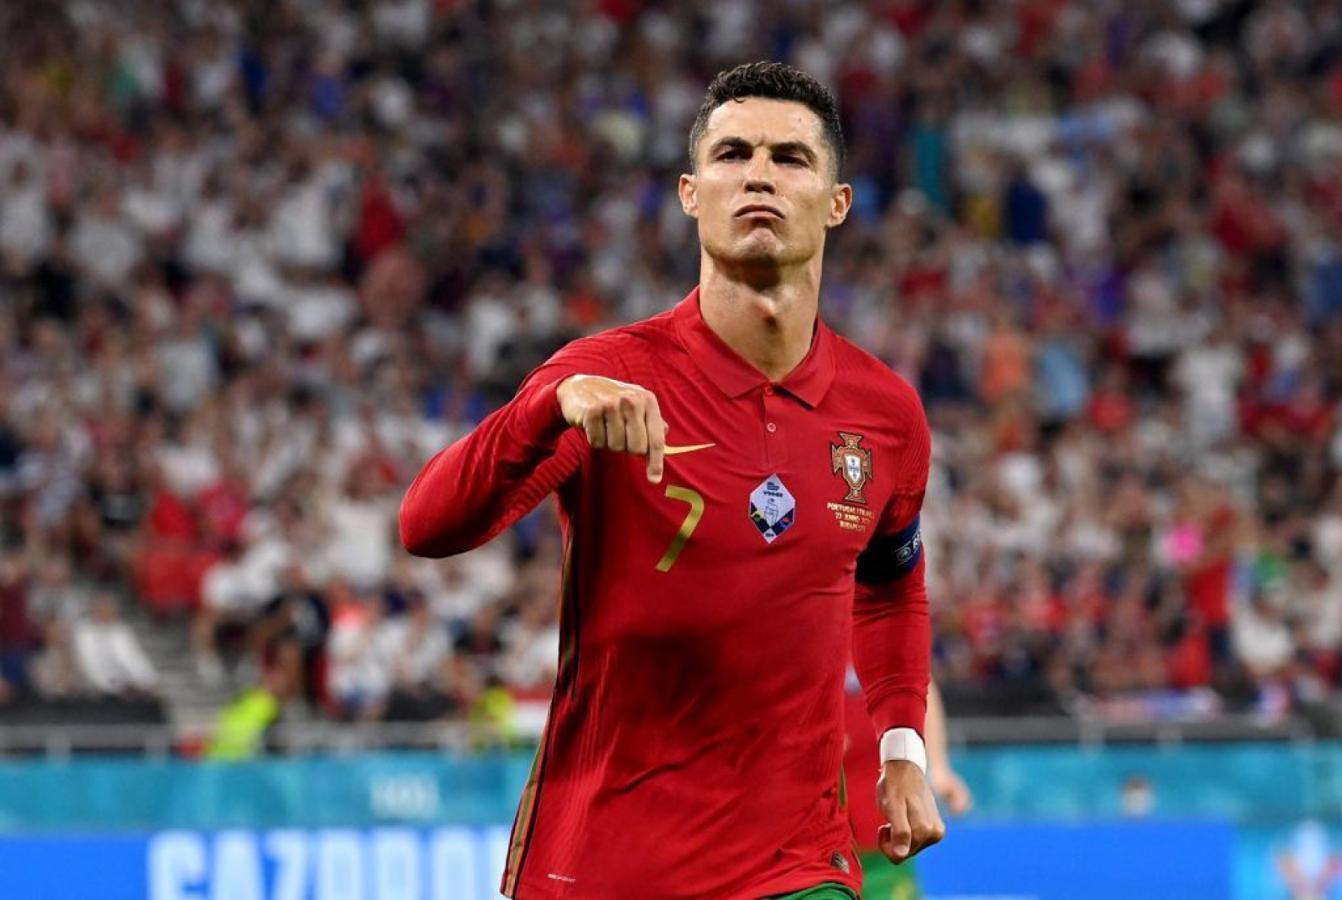 Francia y Portugal empatan a dos anotaciones y avanzan a octavos; Benzema y CR7 anotaron dobletes